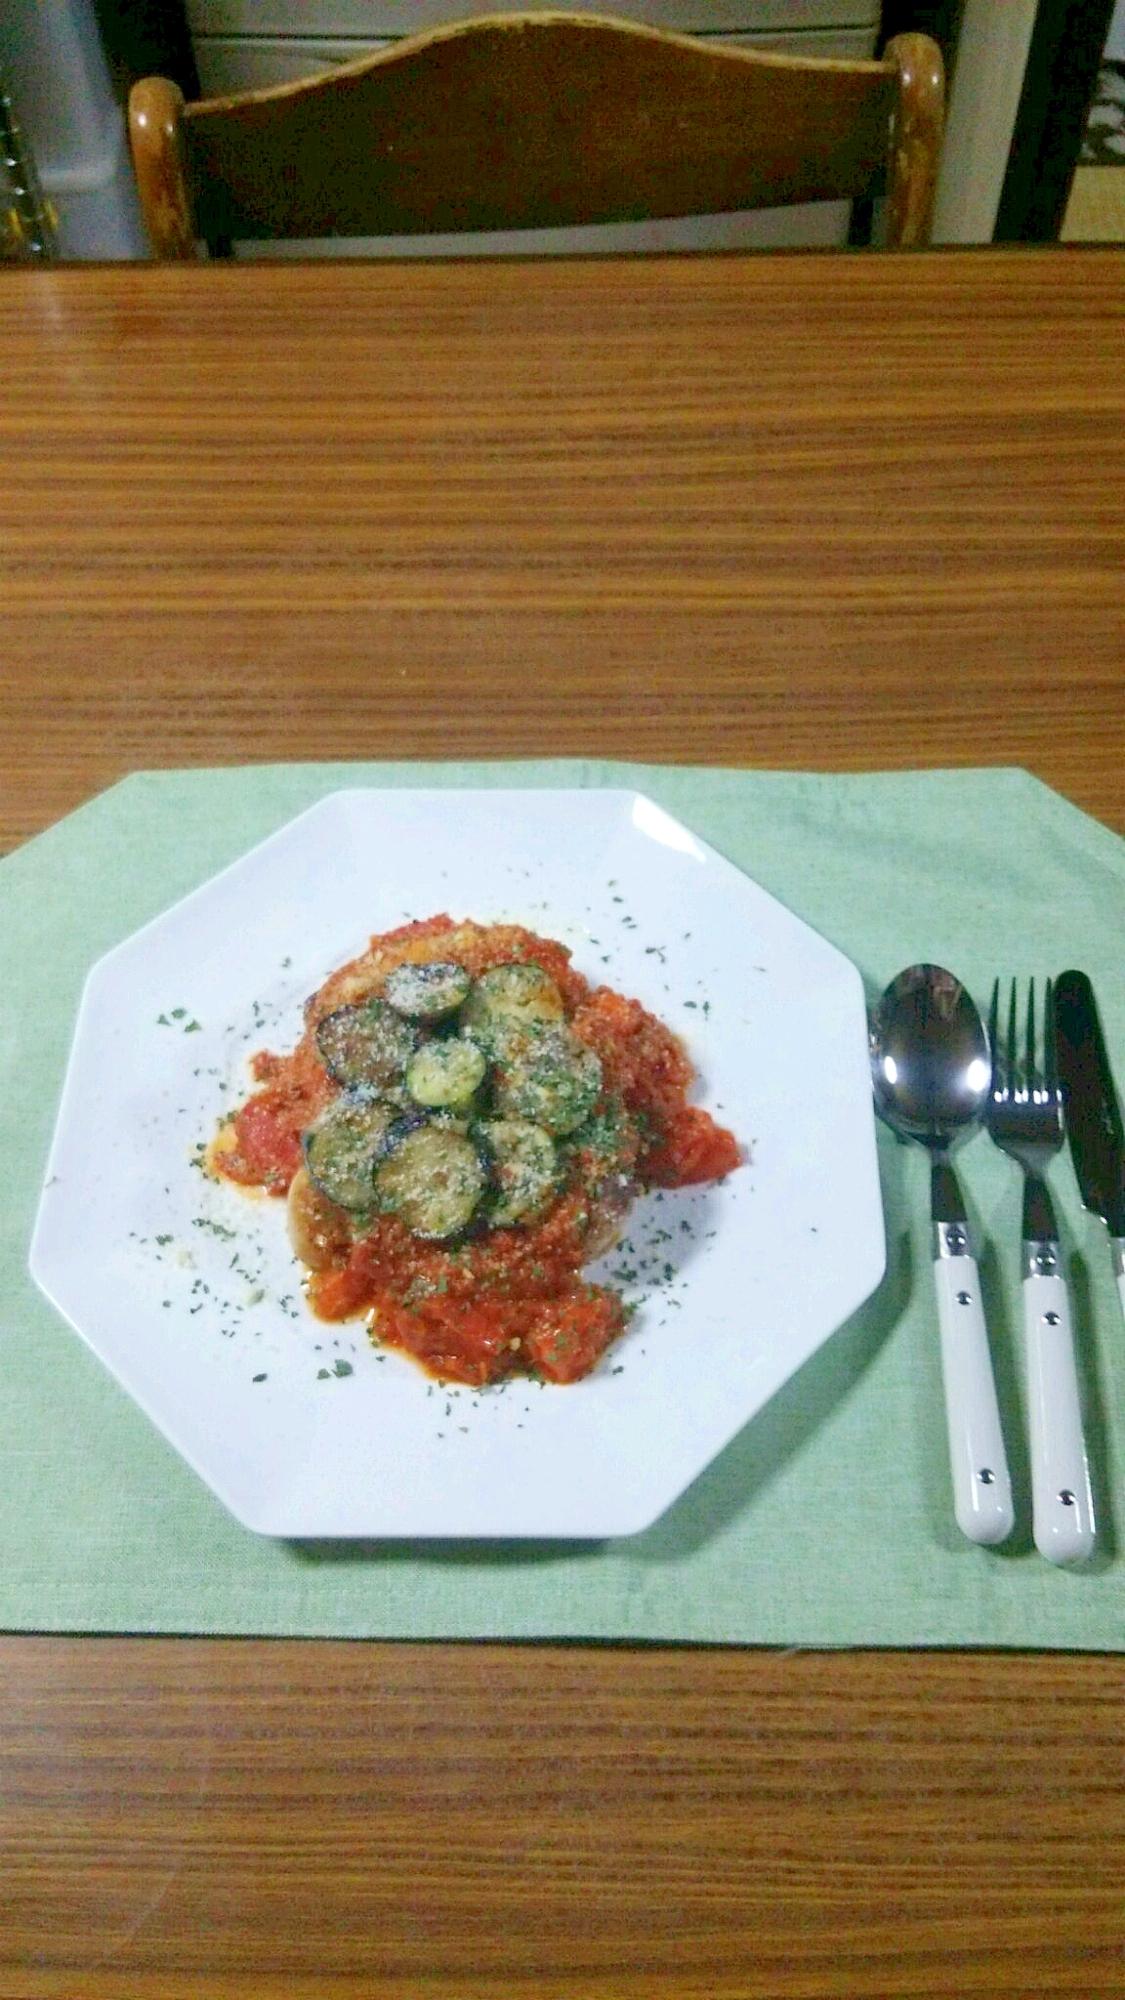 ヨウサマのタニタ式ダイエット食チキントマトソース風